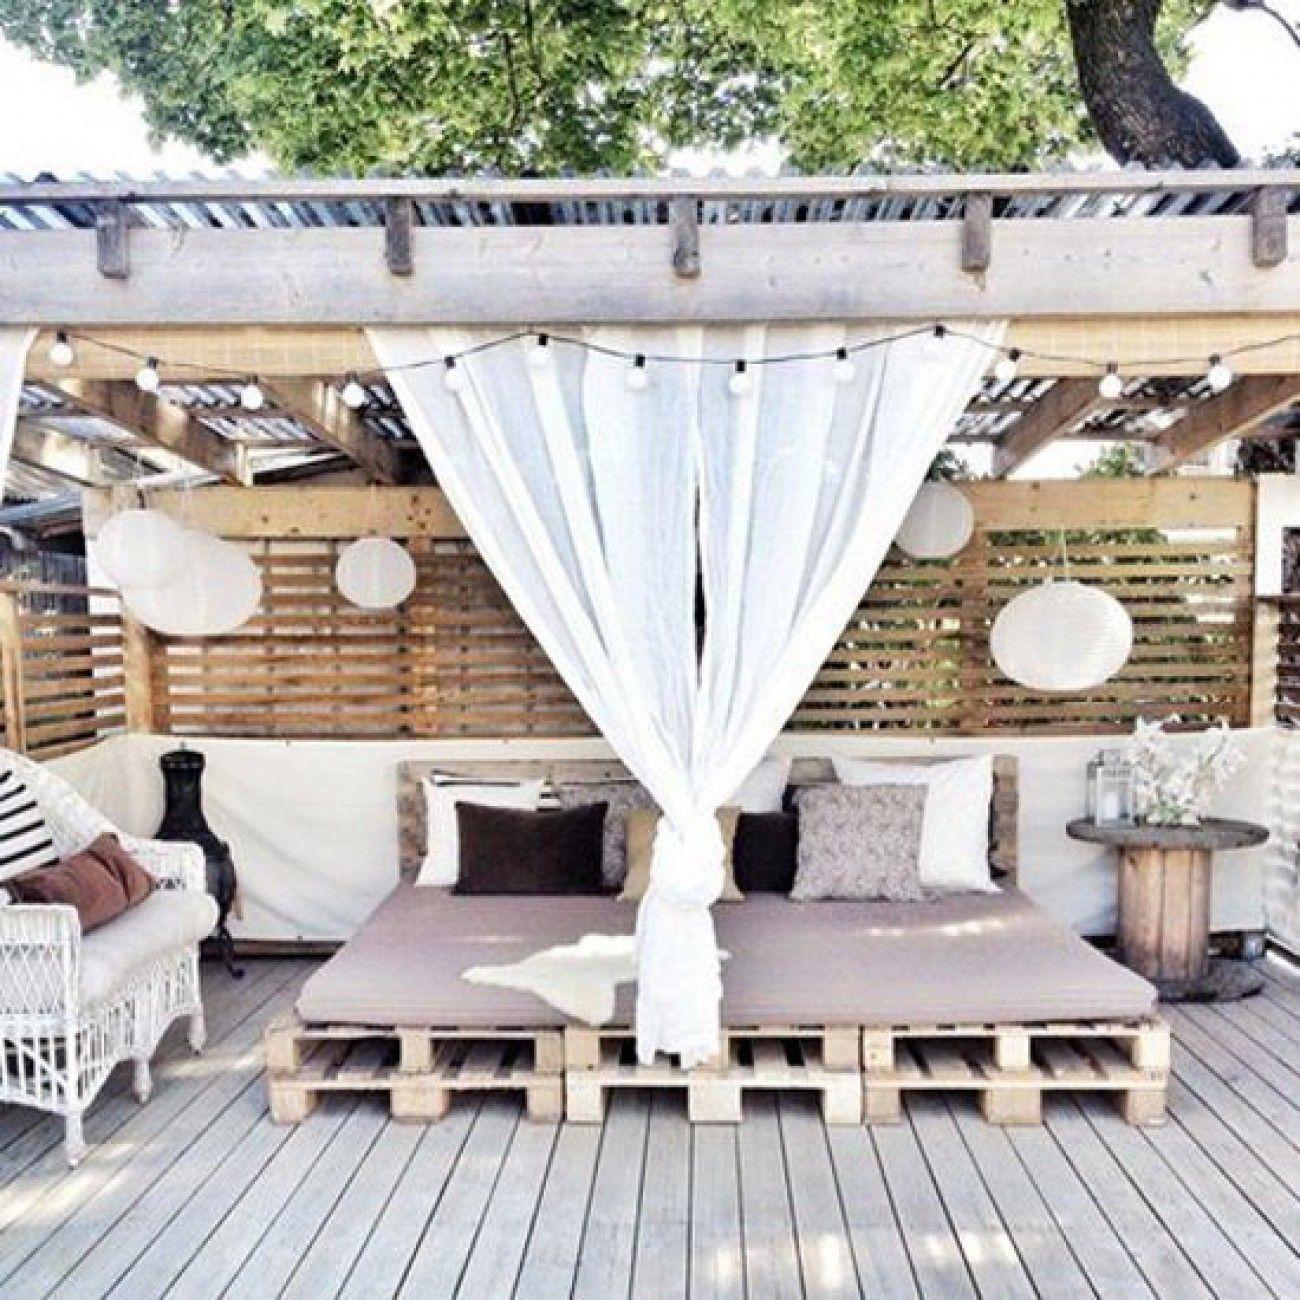 Coole Lounge für den Garten aus Paletten gemacht | design ...